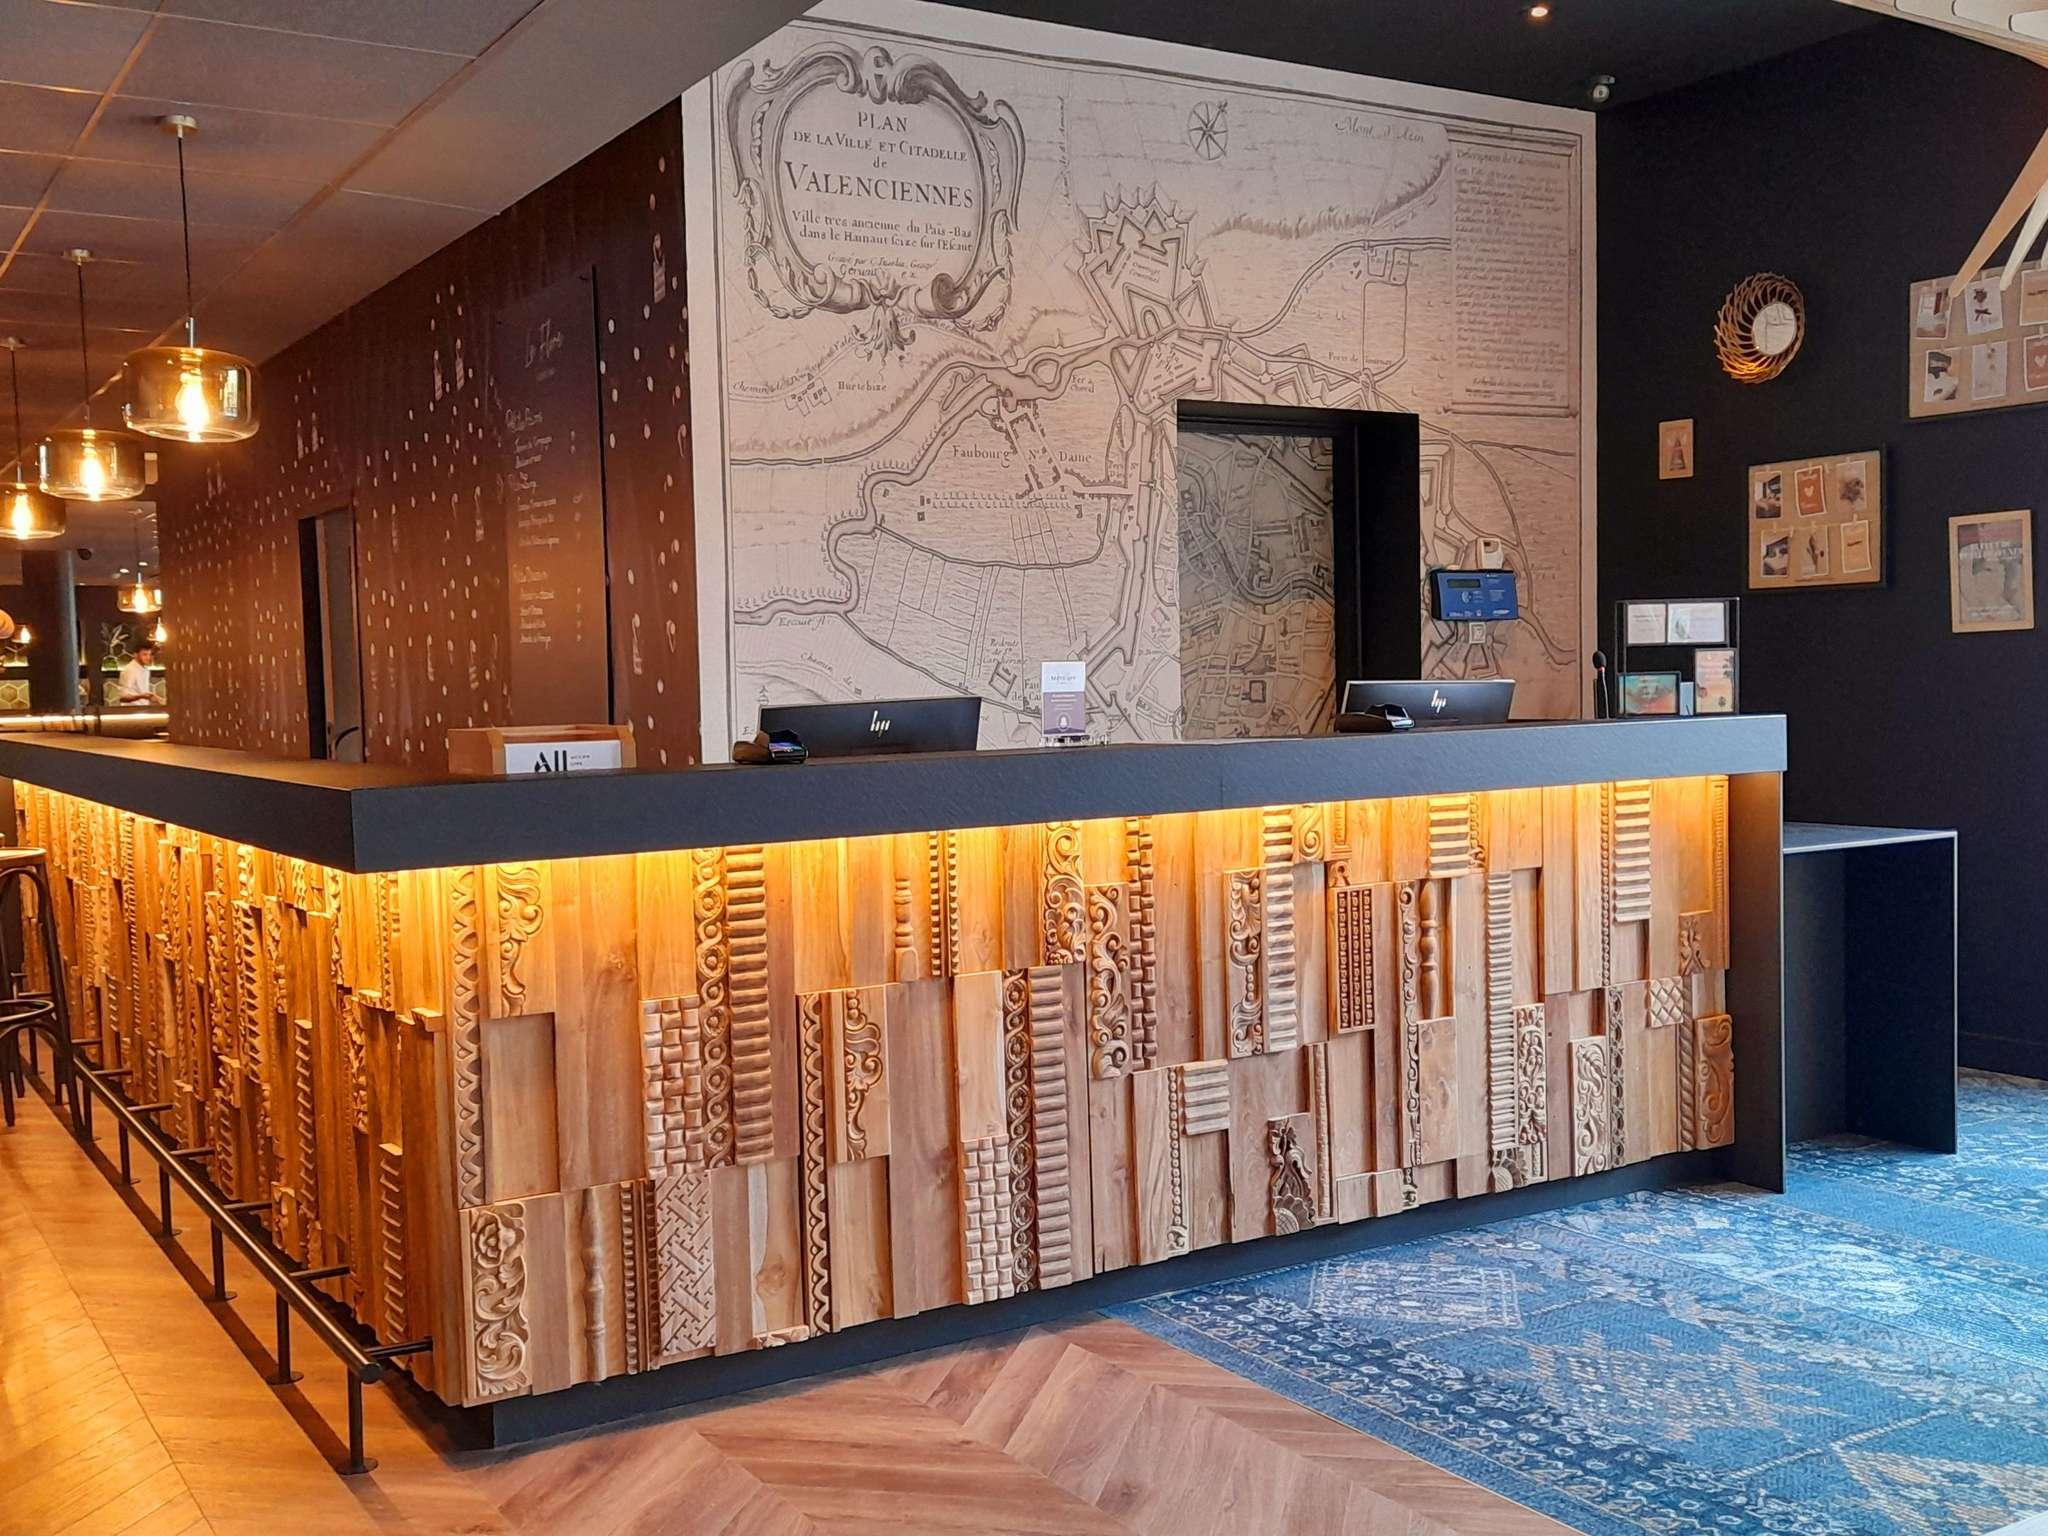 Hotel - Mercure Valenciennes Zentrum Hotel